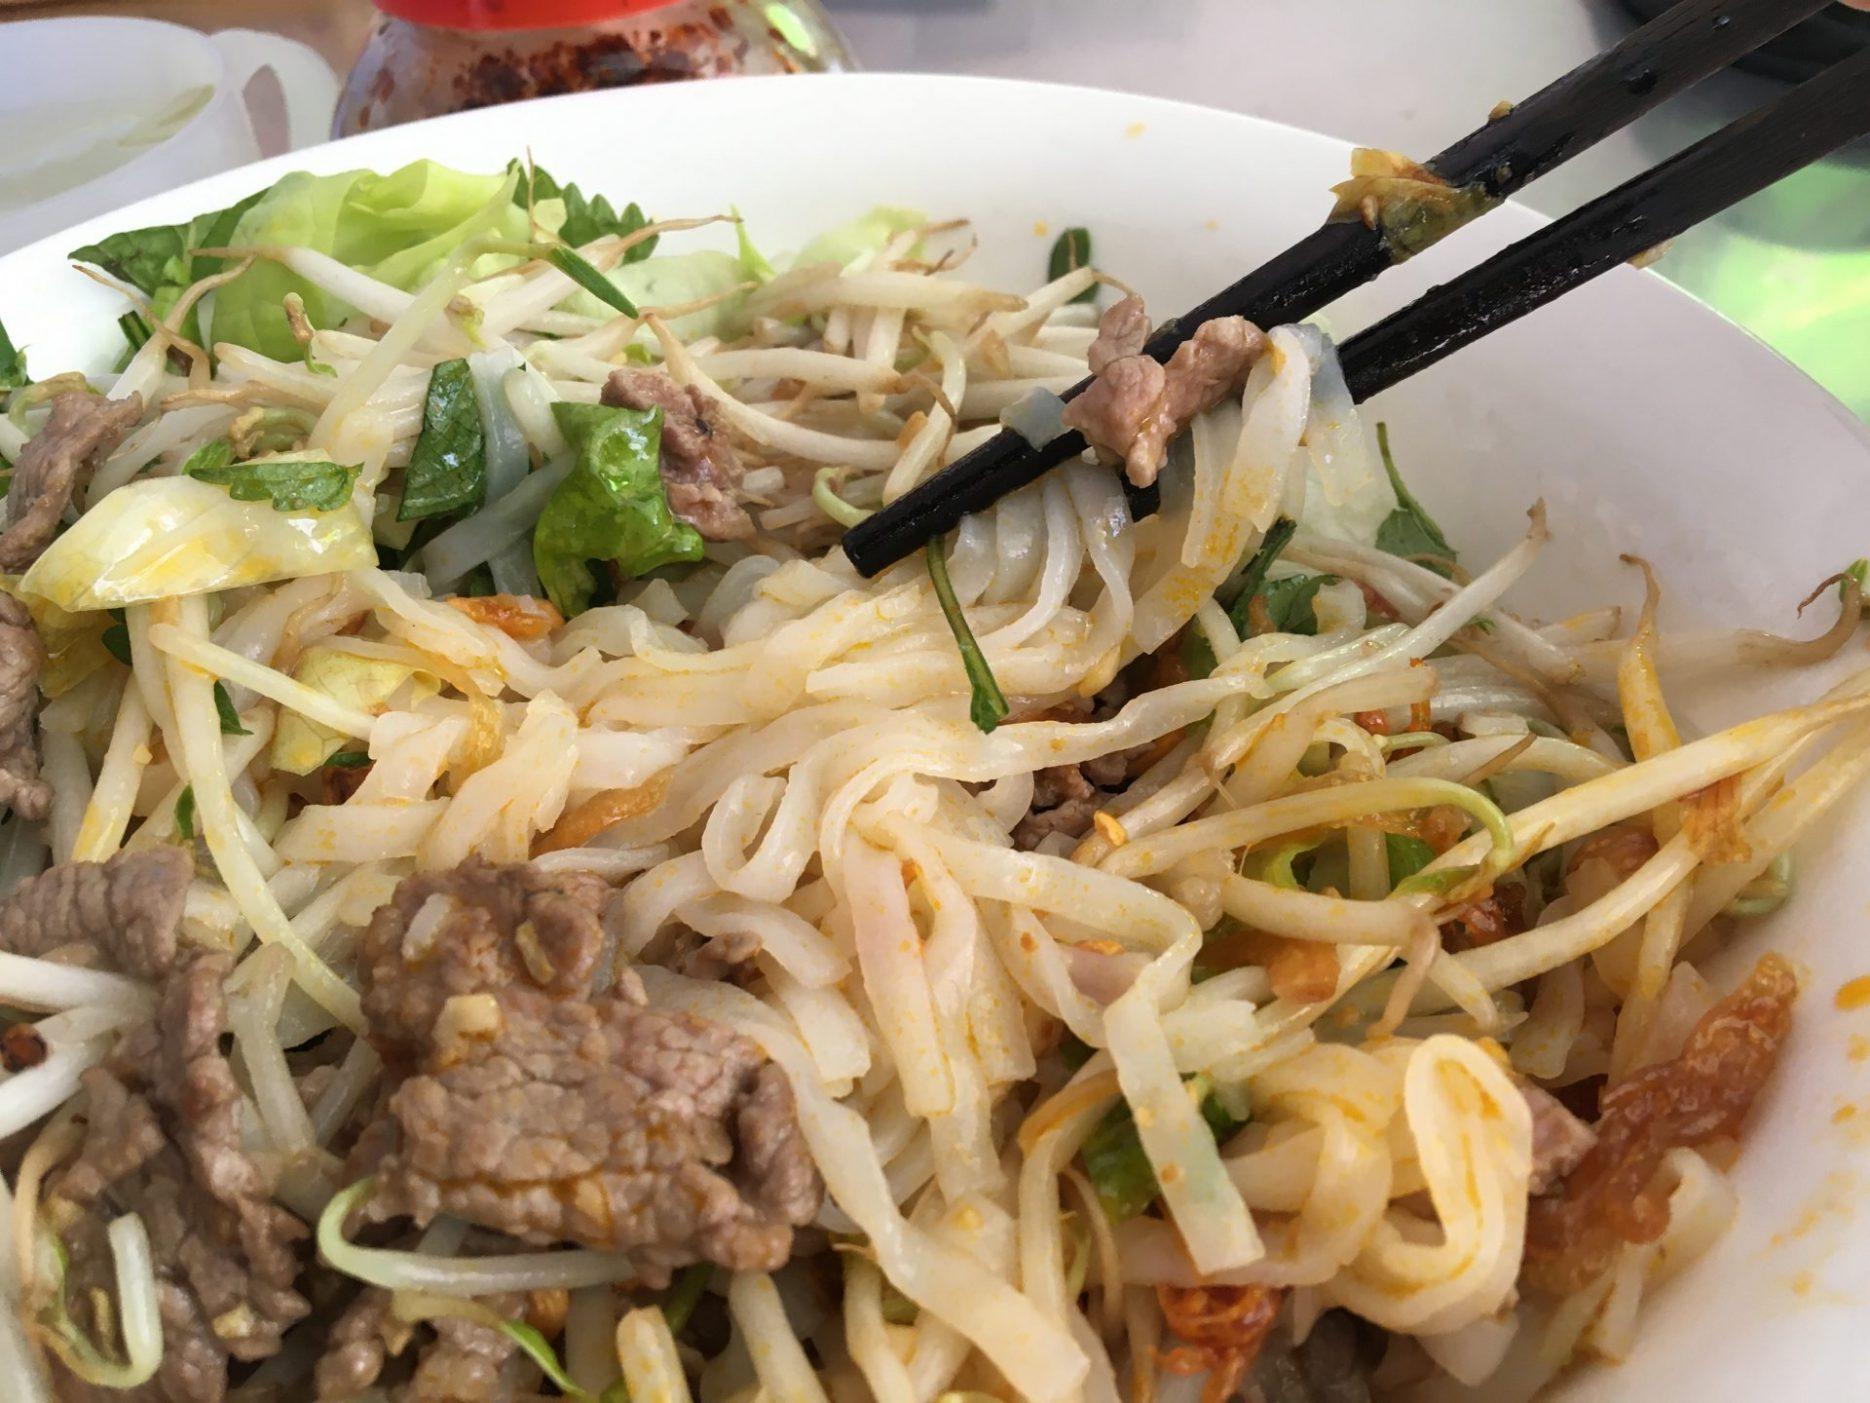 Vietnamese Beef Noodle Salad - Phở Trộn Thịt Bò